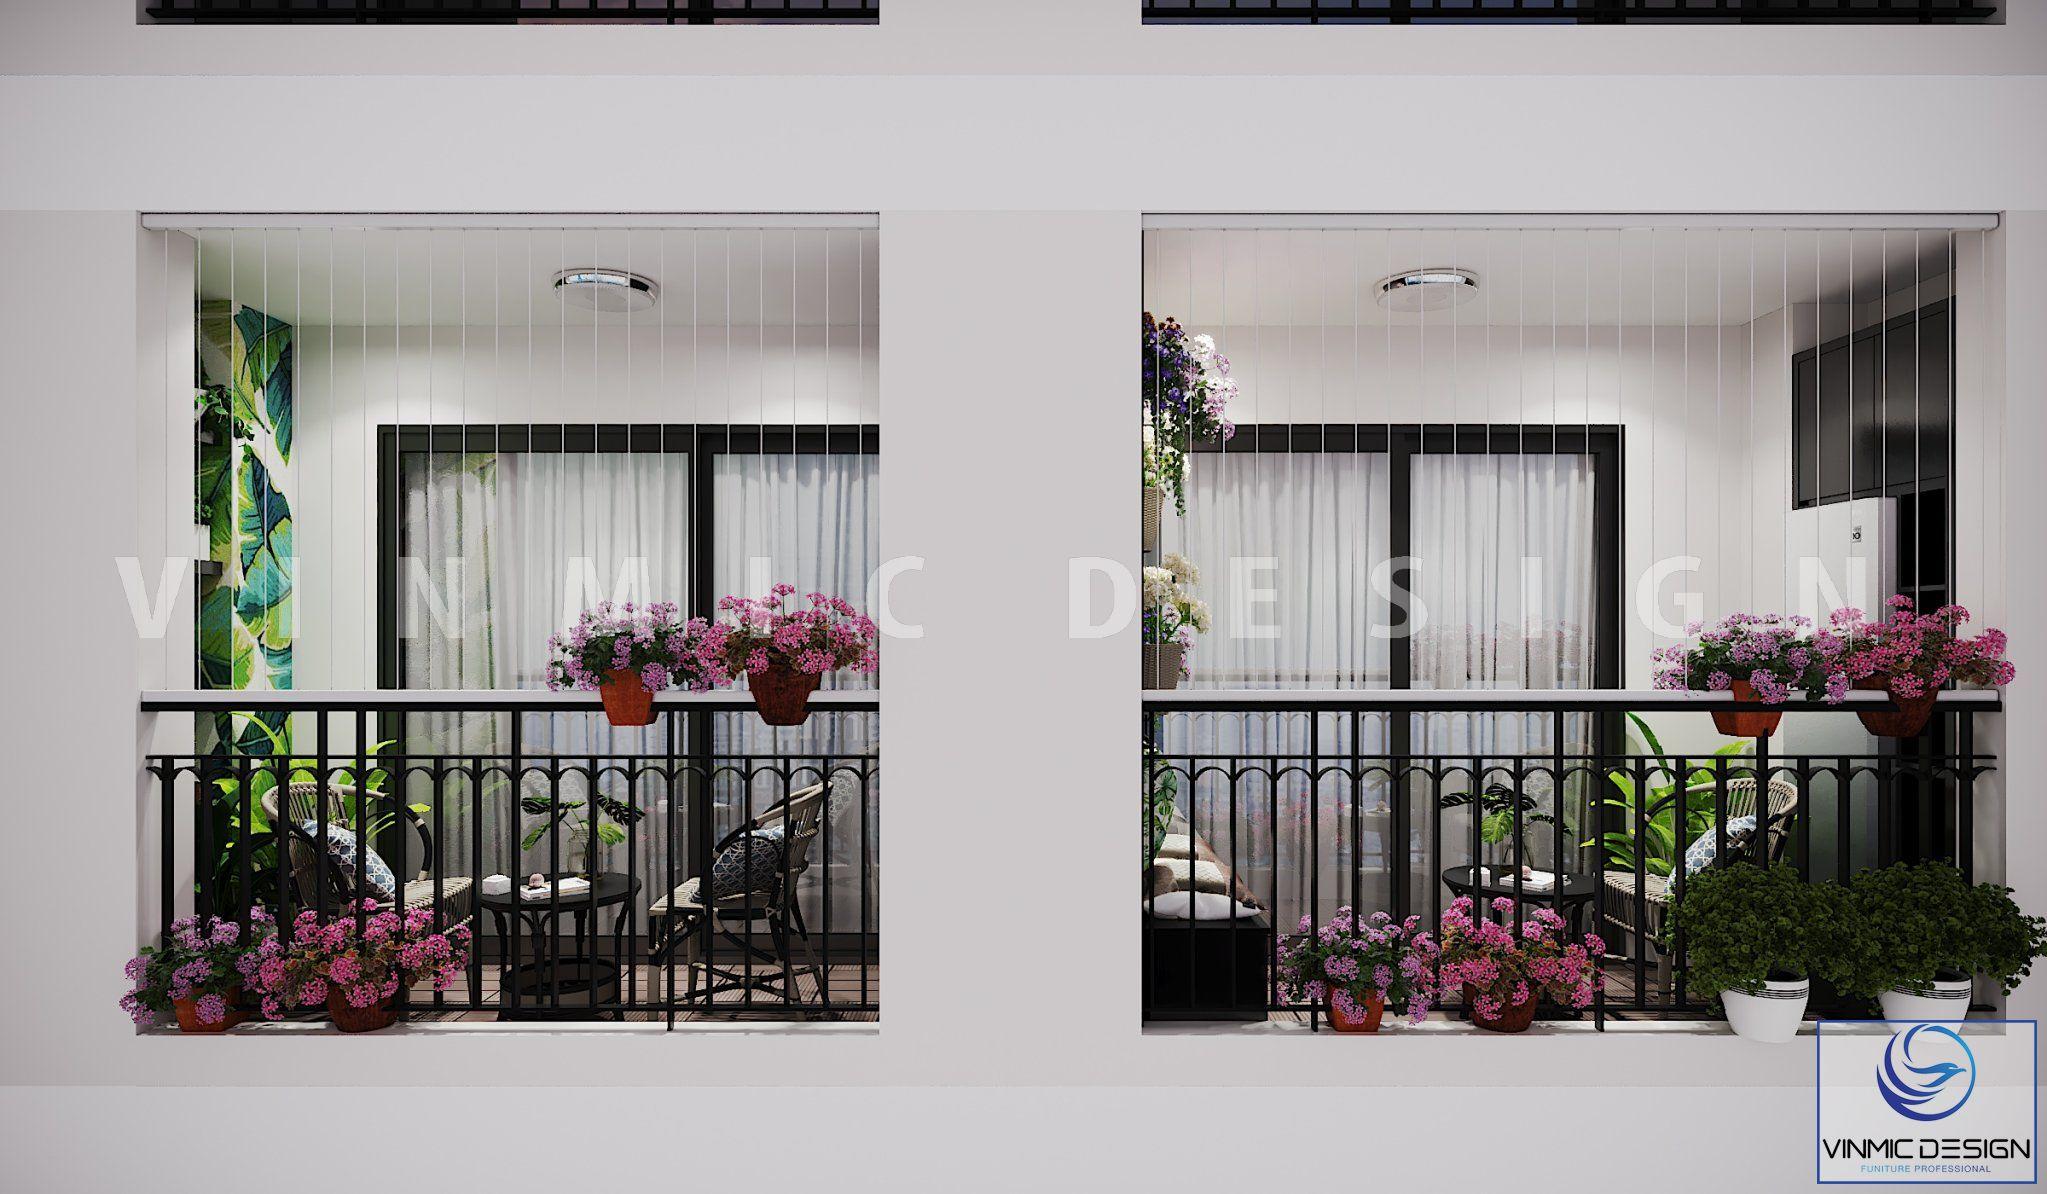 Thiết kế ban công đẹp với các chậu hoa giúp nổi bật giữa tòa chung cư Metropolis